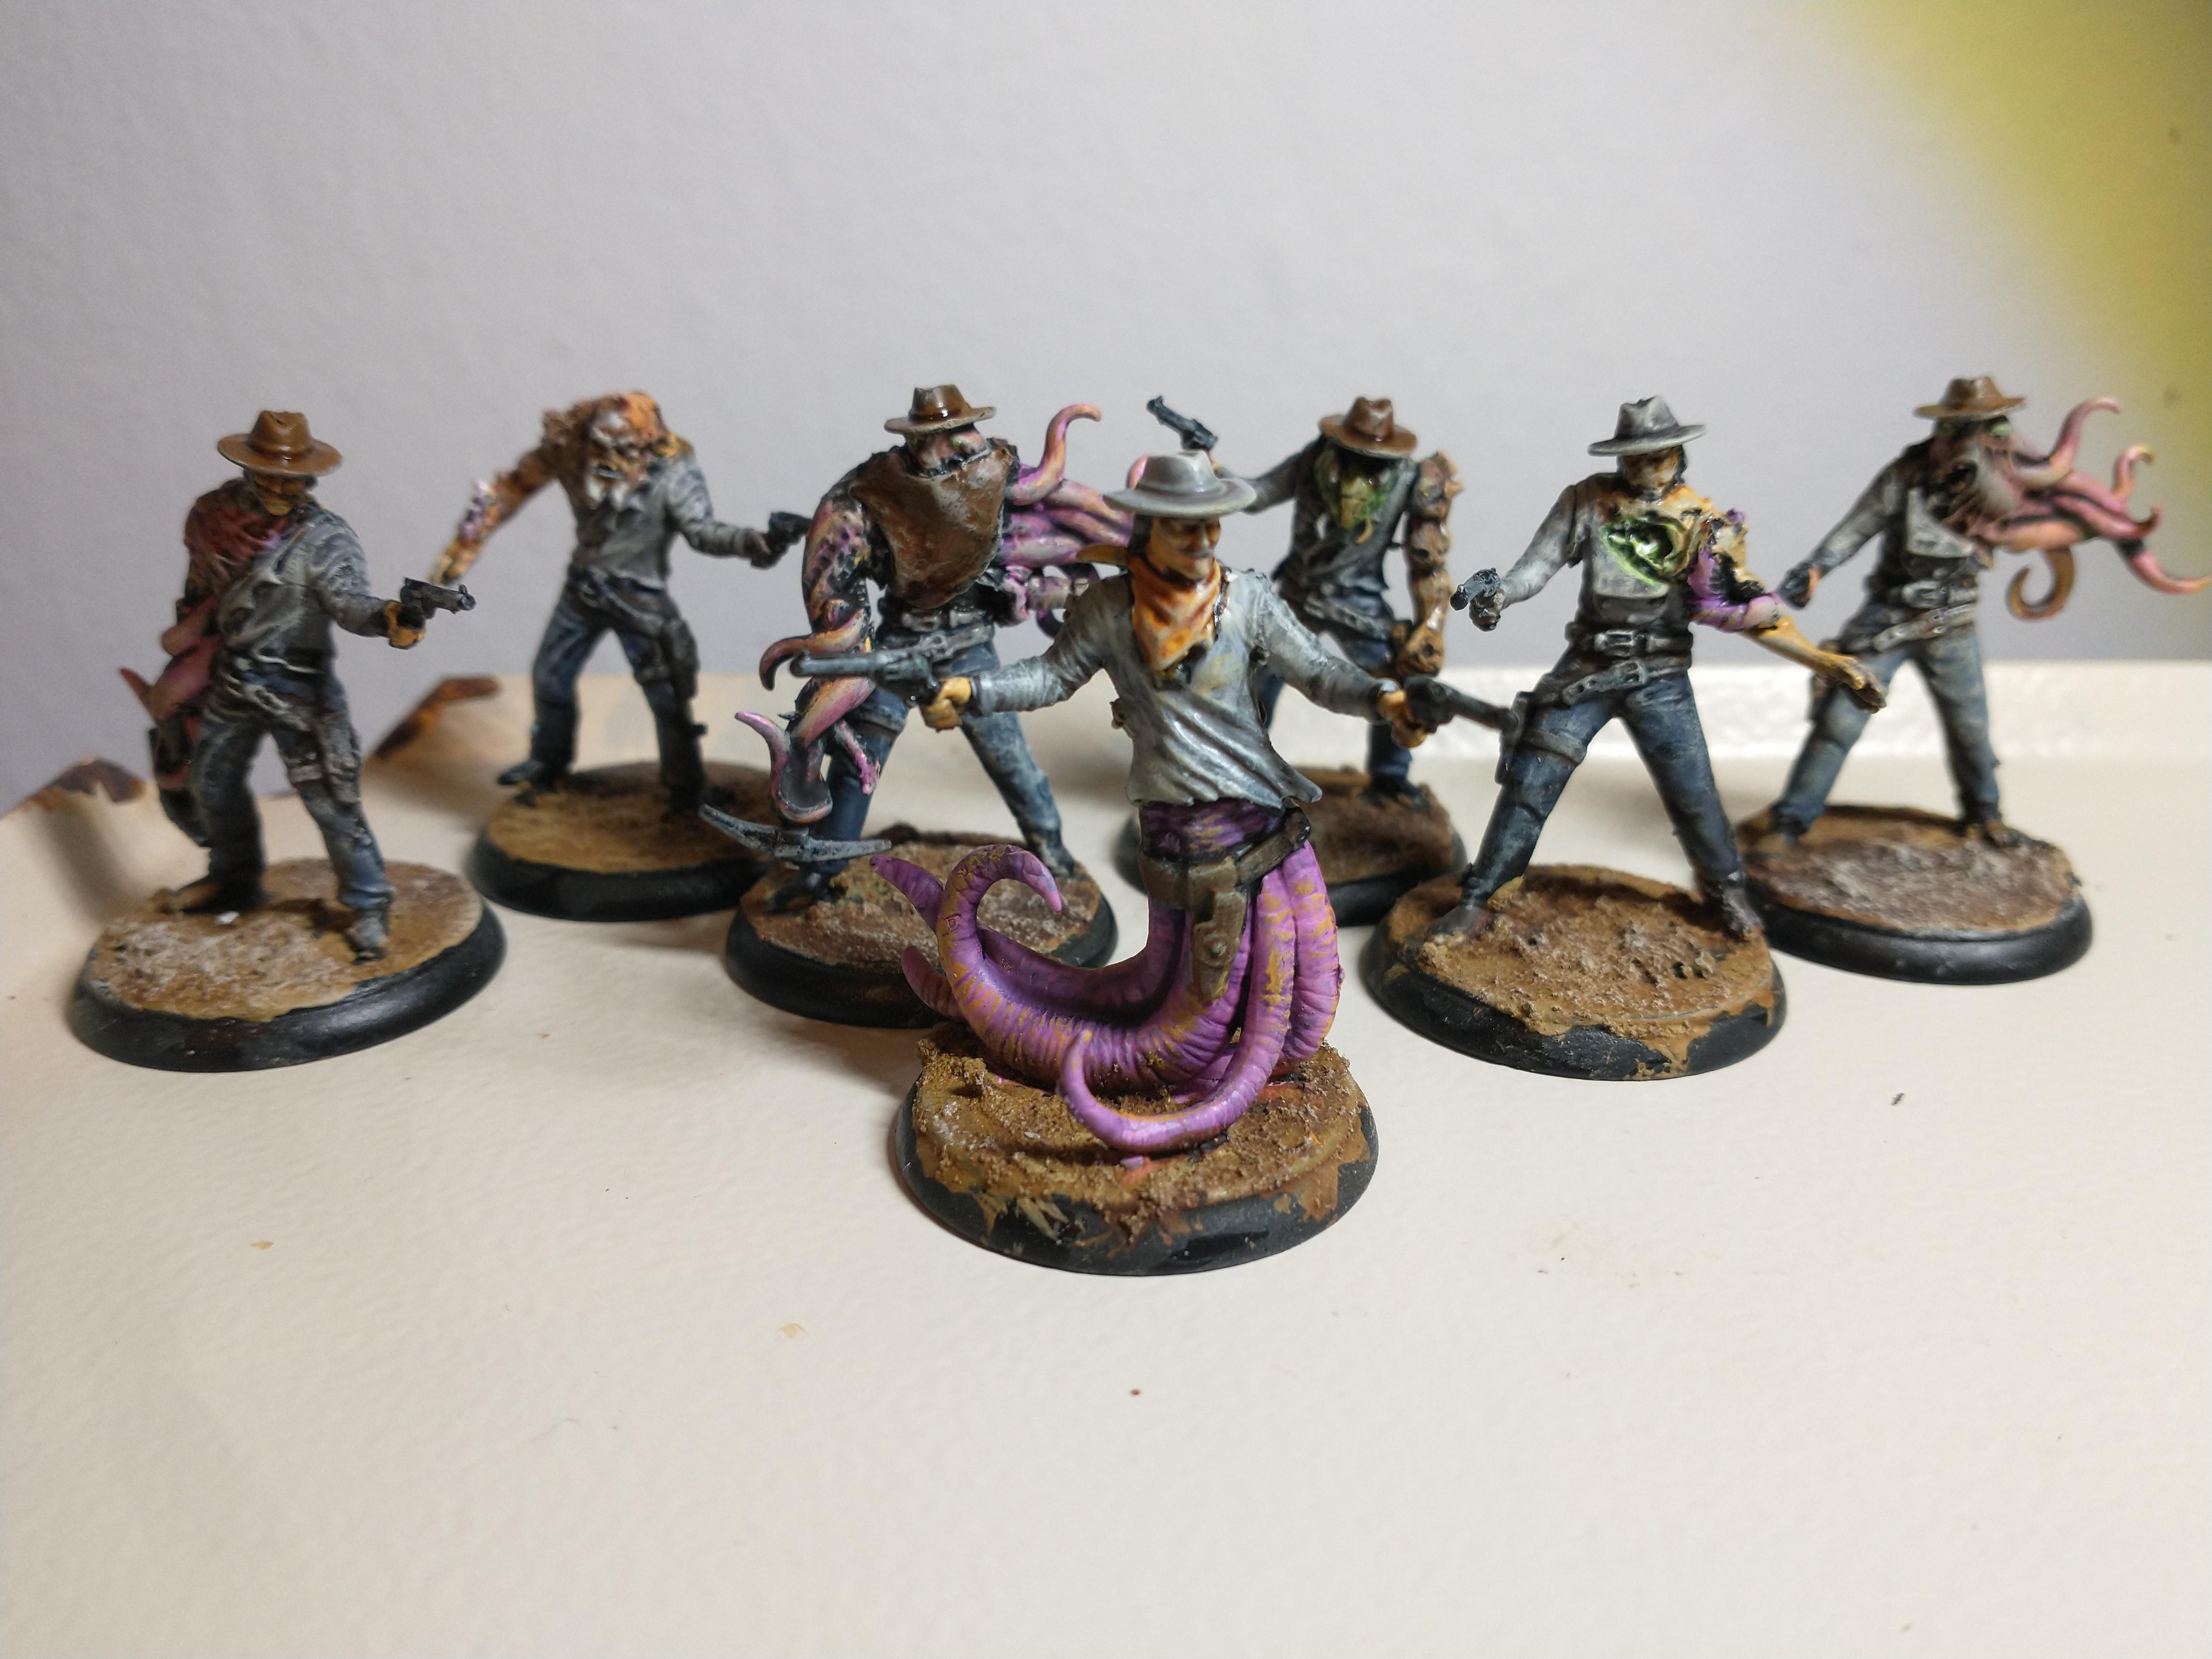 Scafford Gang